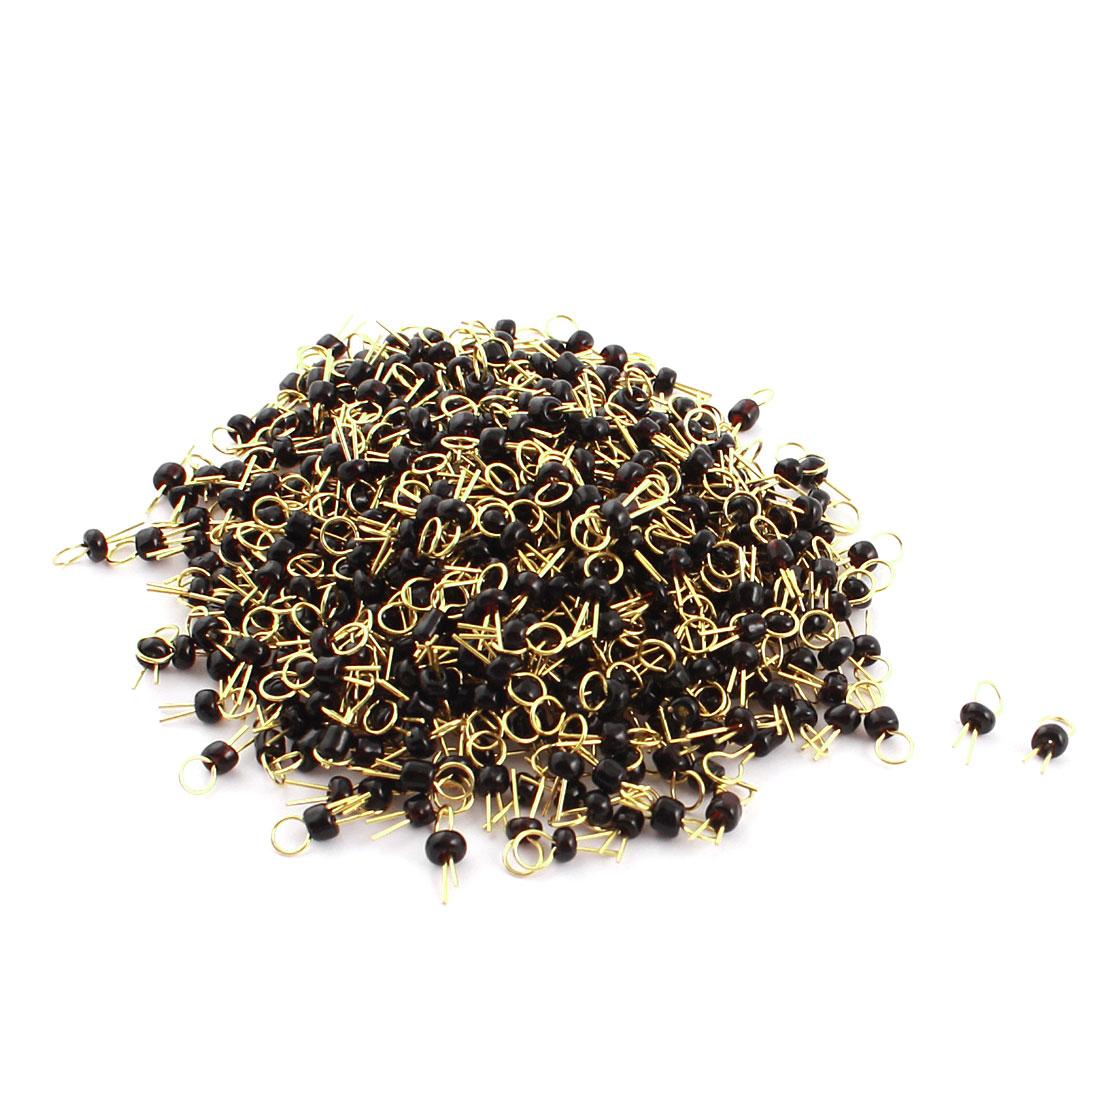 500Pcs Black Ceramic Bead 3.2mm Head Dia Gold Tone Copper PCB Test Pin Terminals